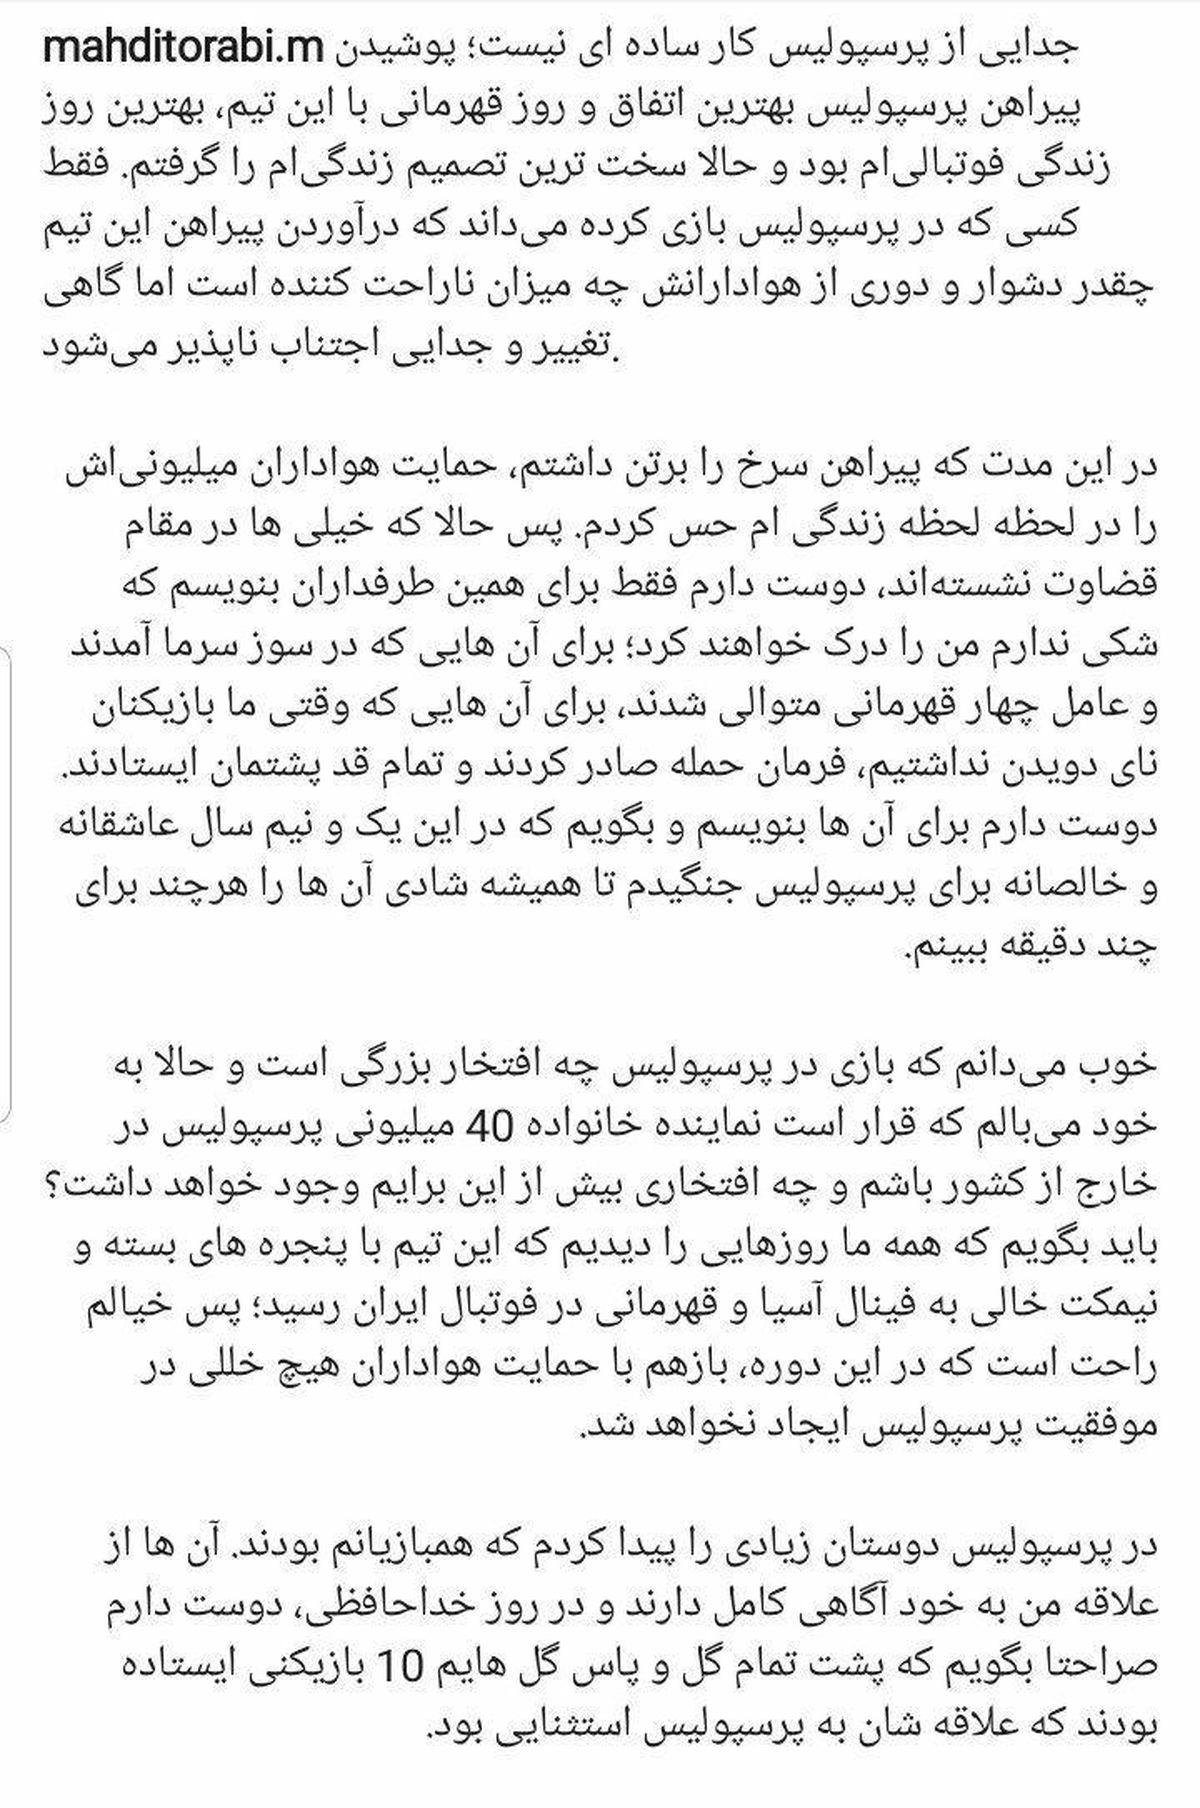 مهدی ترابی از پرسپولیس و هوادارانش خداحافظی کرد